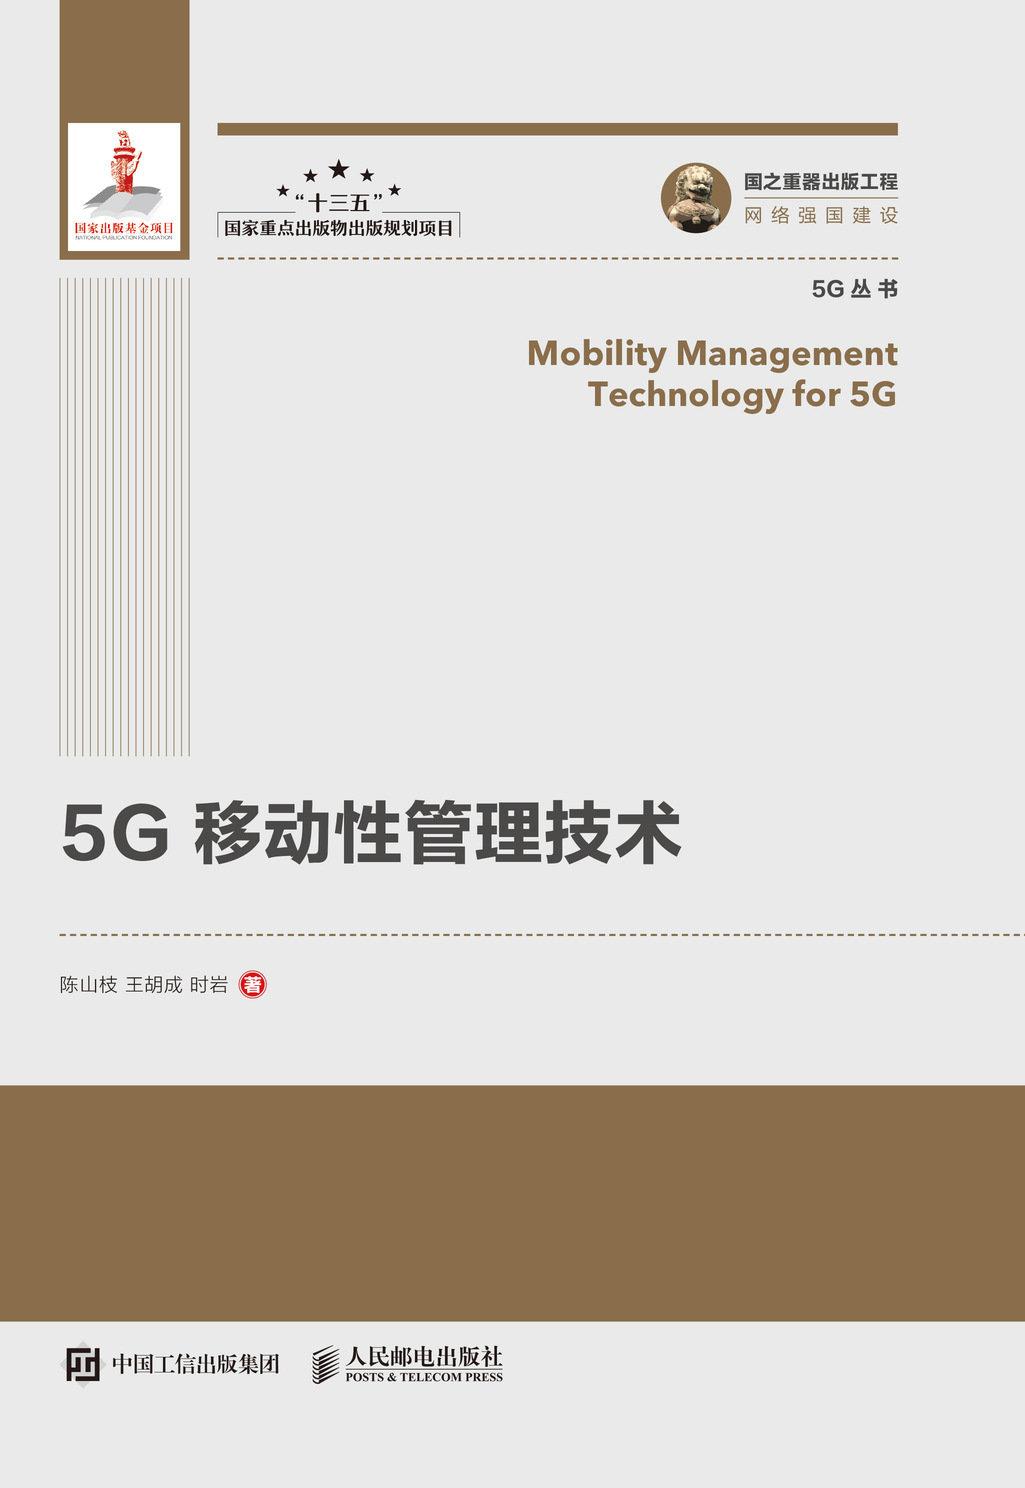 國之重器出版工程 5G移動性管理技術-preview-1